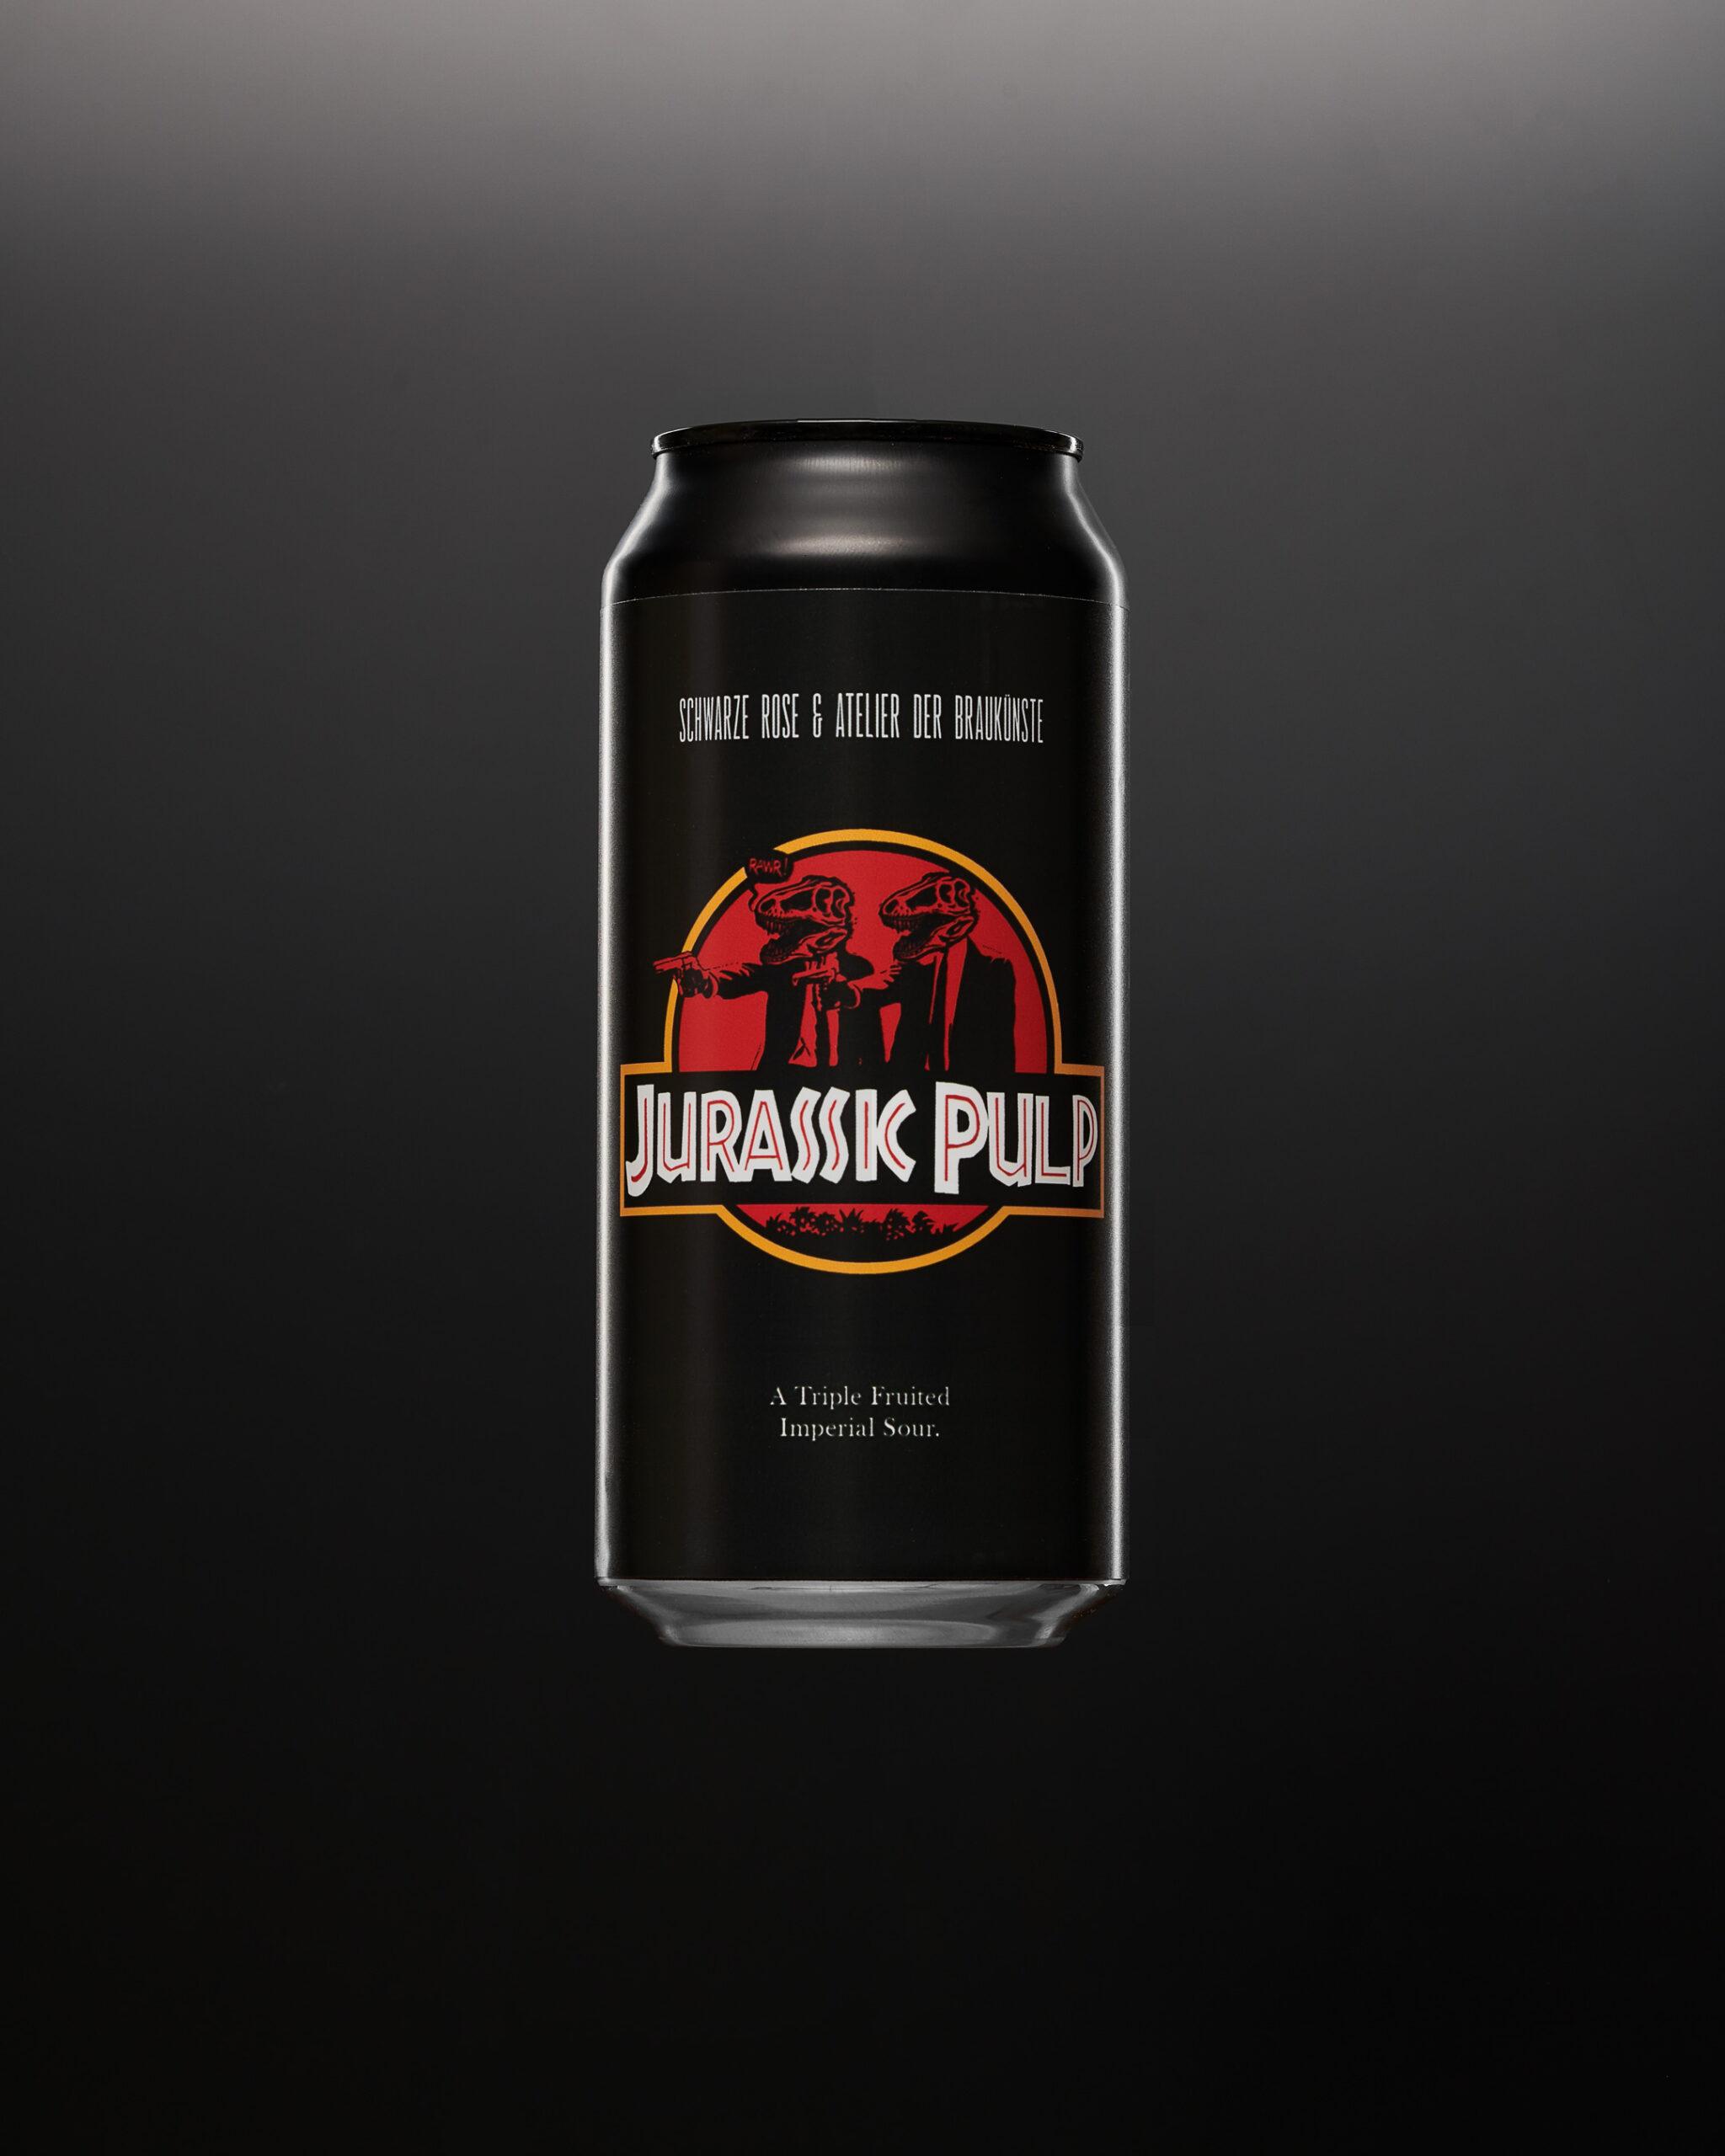 Jurassic_Pulp